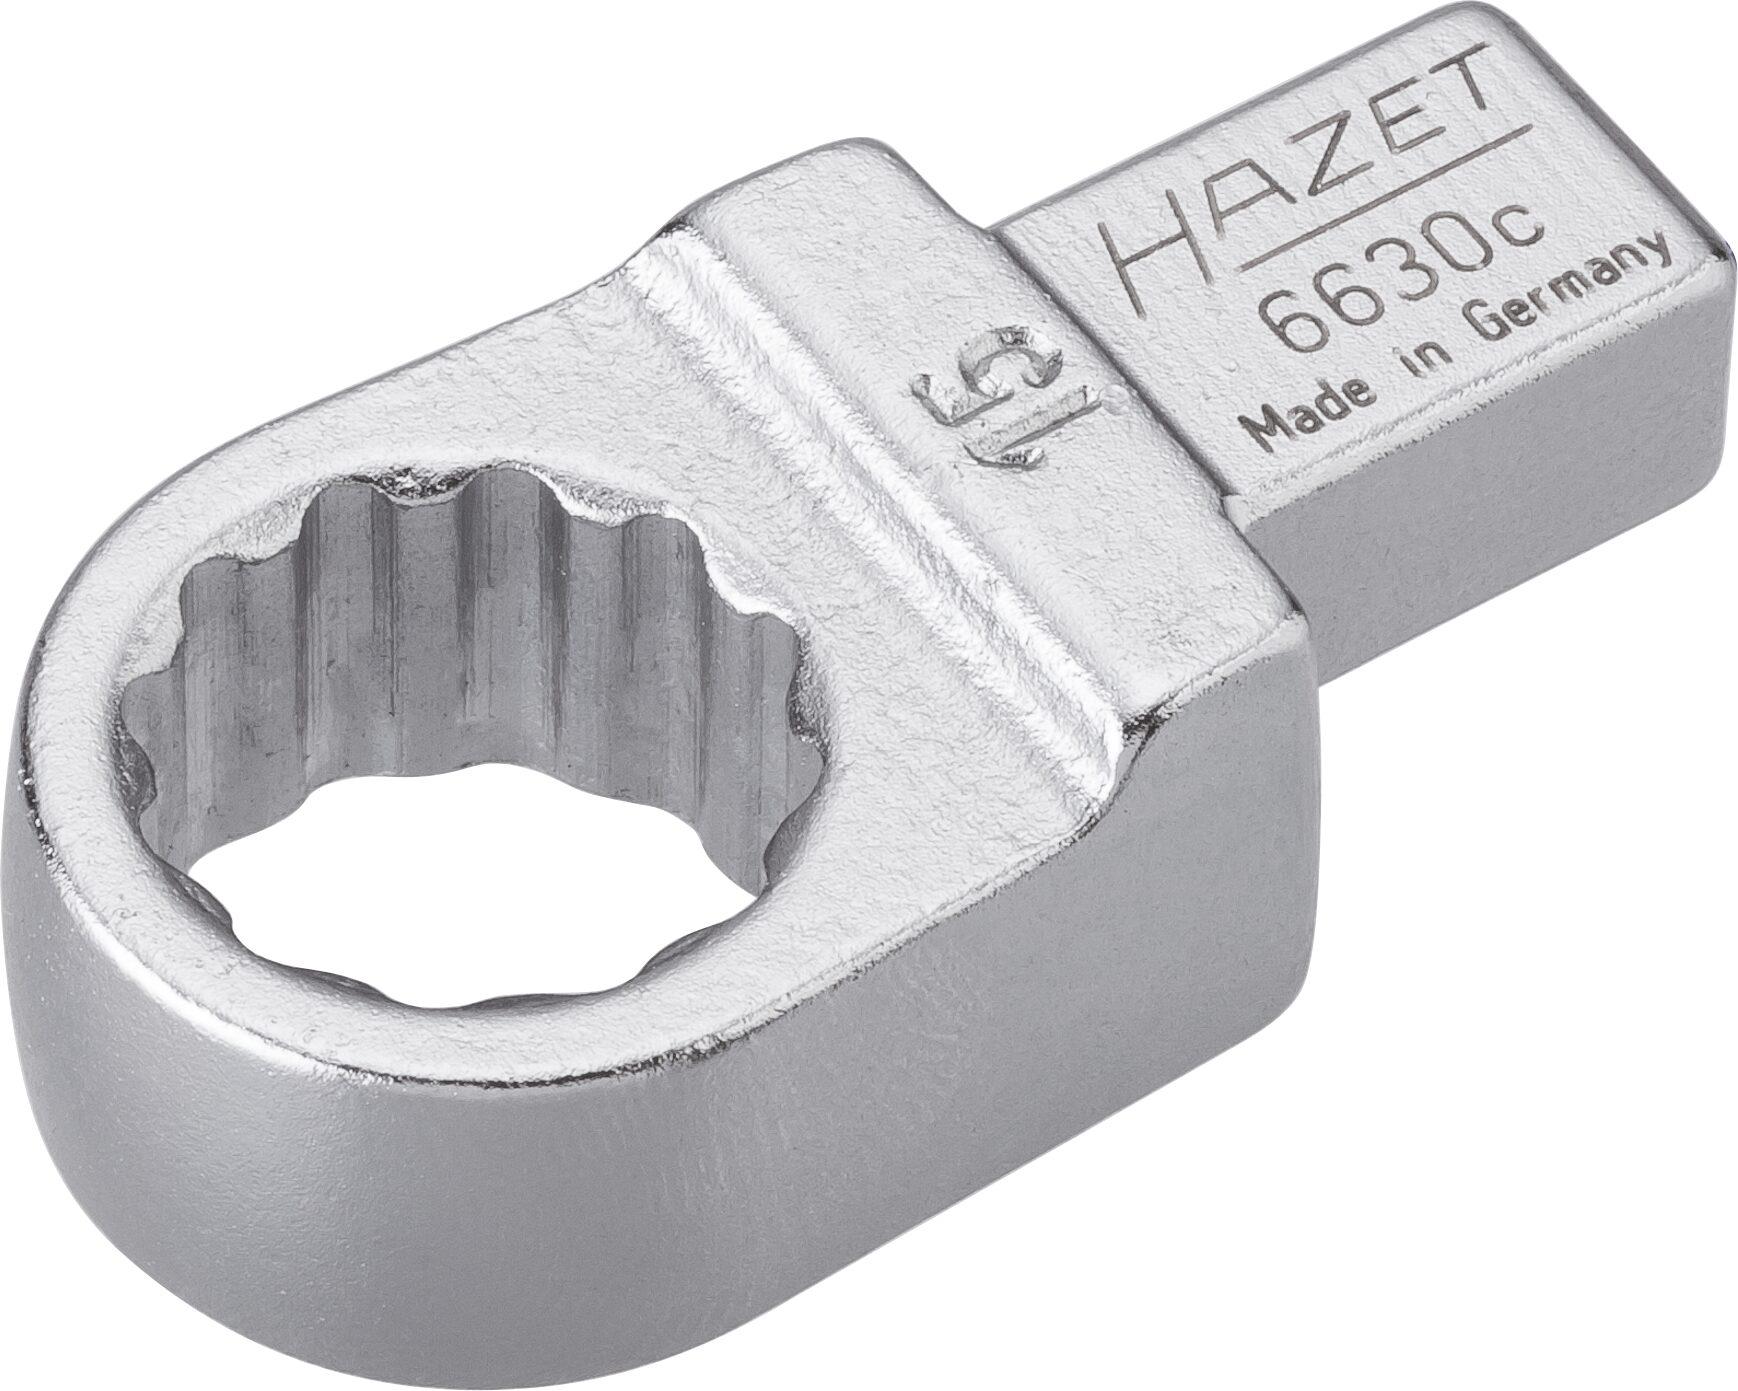 HAZET Einsteck-Ringschlüssel 6630C-15 ∙ Einsteck-Vierkant 9 x 12 mm ∙ Außen-Doppel-Sechskant-Tractionsprofil ∙ 15 mm